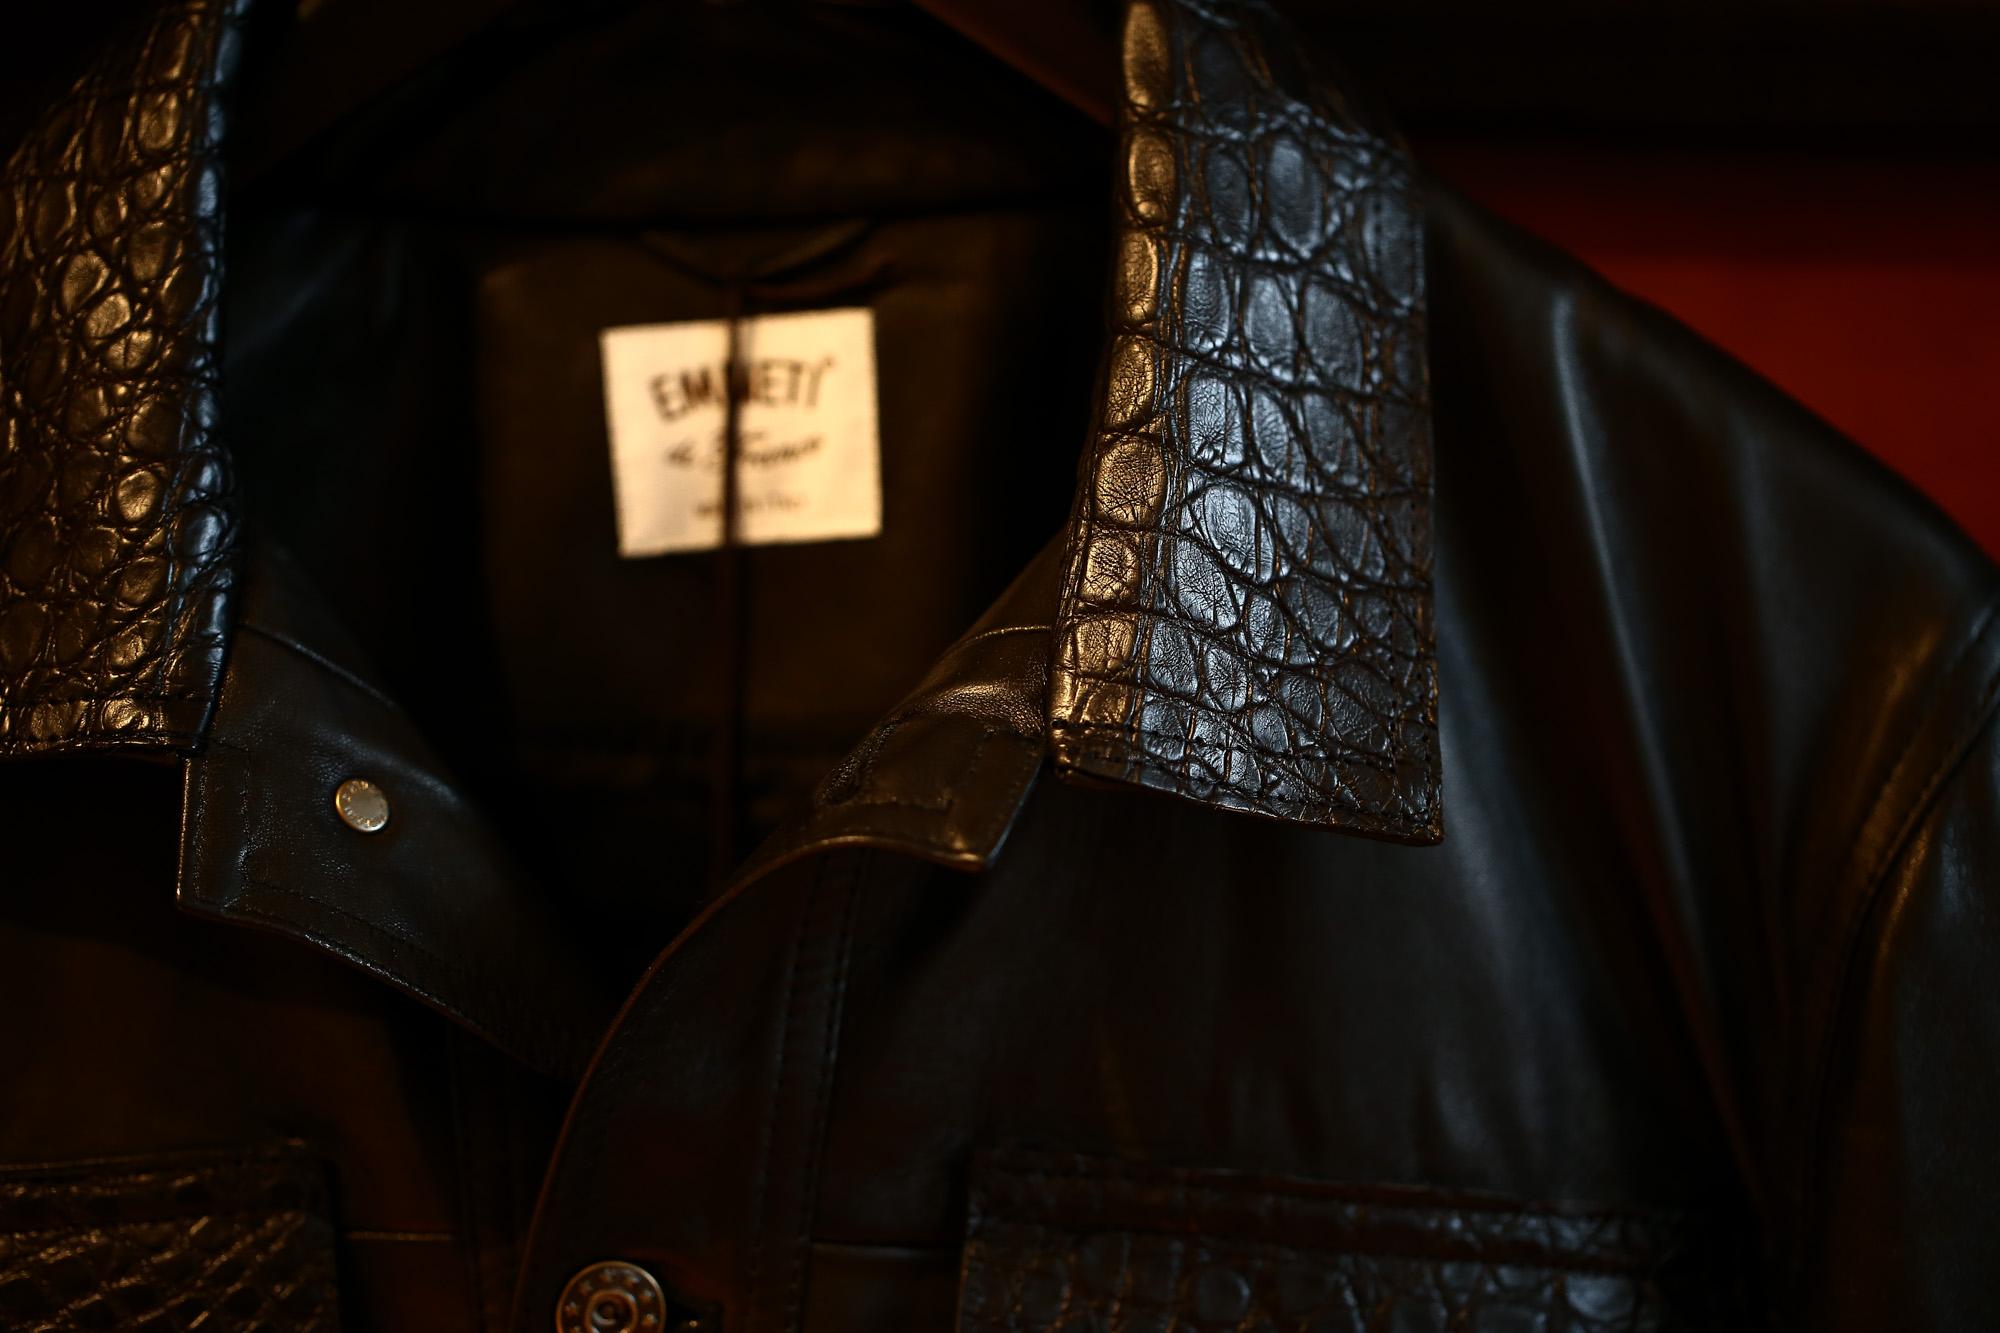 EMMETI (エンメティ) JAXON COCCO (ジャクソン コッコ) Lambskin Nappa Leather × COCCO Leather ラムナッパレザー × クロコダイルレザー ジャケット NERO (ブラック・190/1) Made in italy (イタリア製) 2018 秋冬 emmeti エンメティ 愛知 名古屋 Alto e Diritto アルト エ デリット